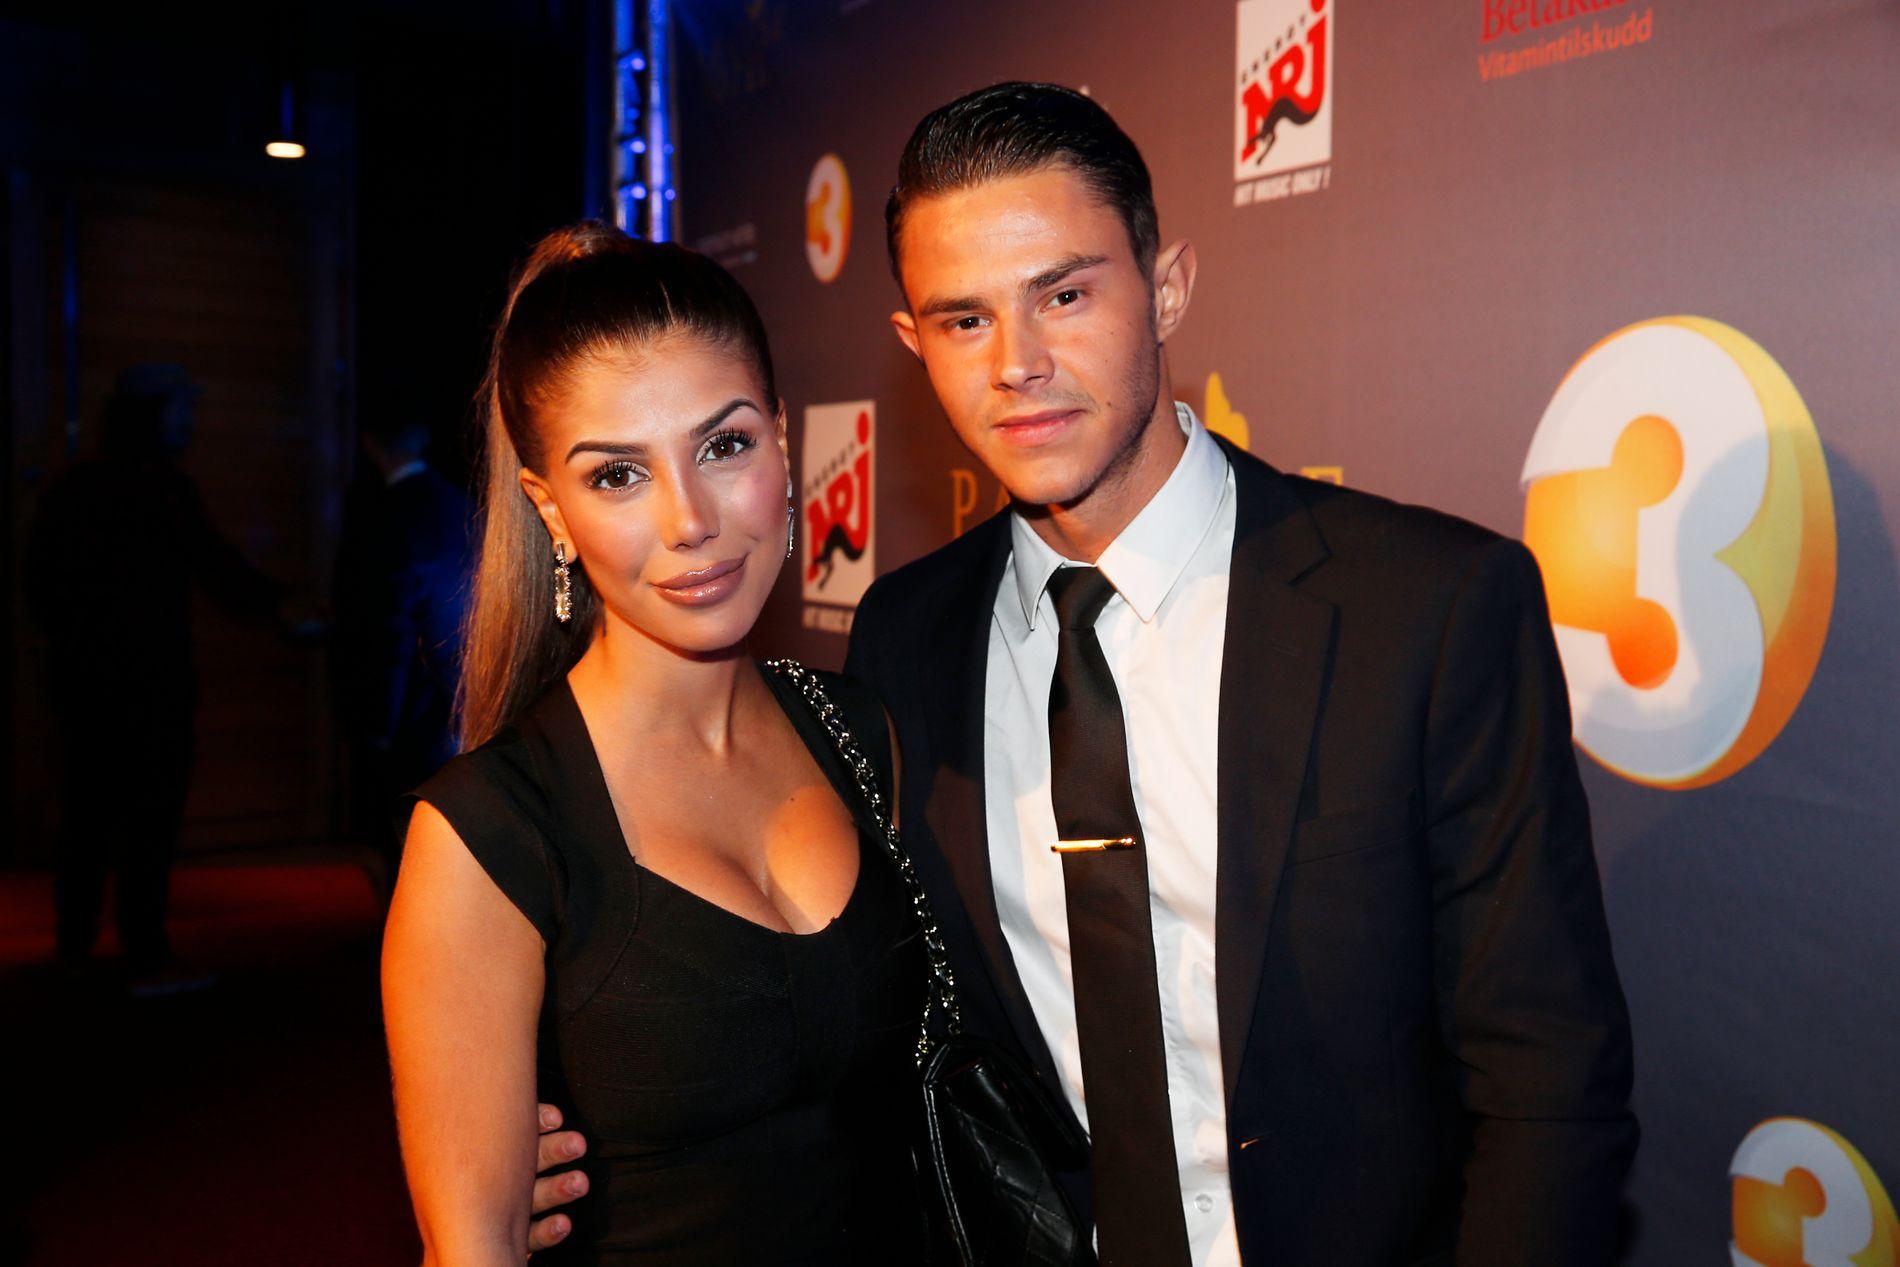 BRUDD: Her er Isabel Raad og Pierre Louis fotografert på premierefesten til «Paradise Hotel» i fjor.